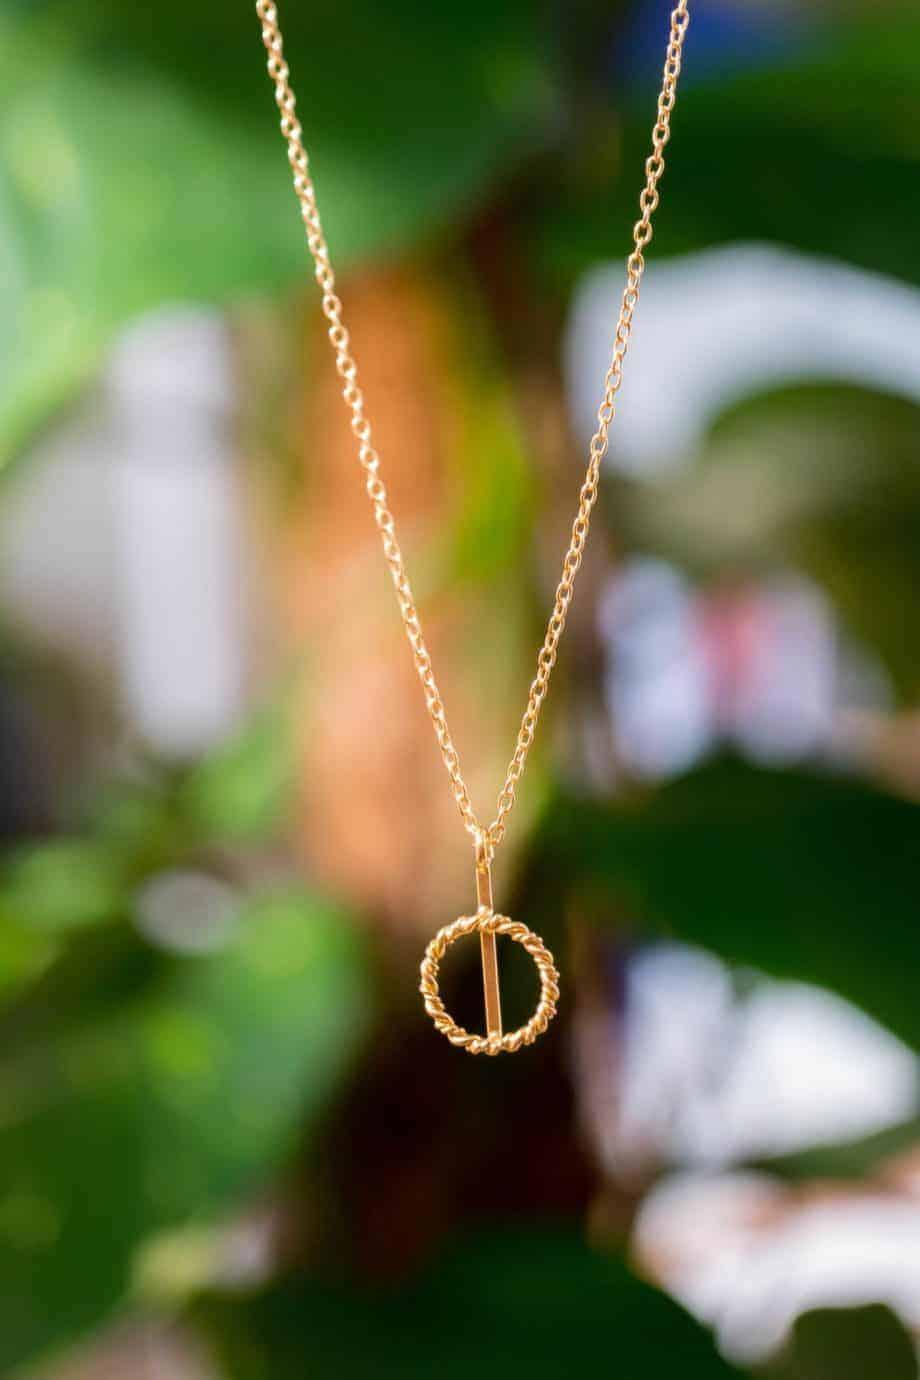 Gouden ketting met hanger 'Twisted circle' van Goud op Zilver